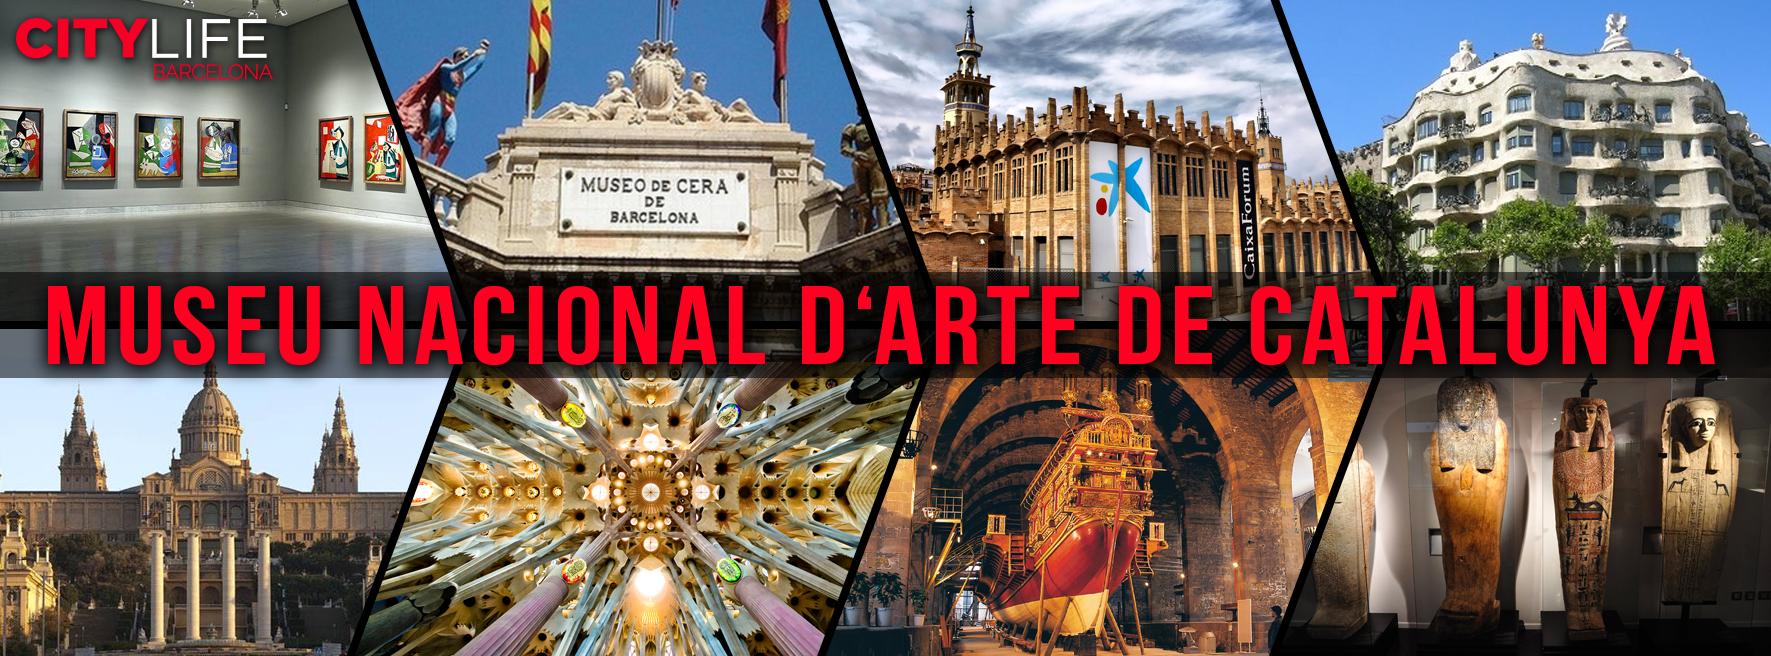 Discover the Museu Nacional d'Arte de Catalunya (MNAC) for FREE!